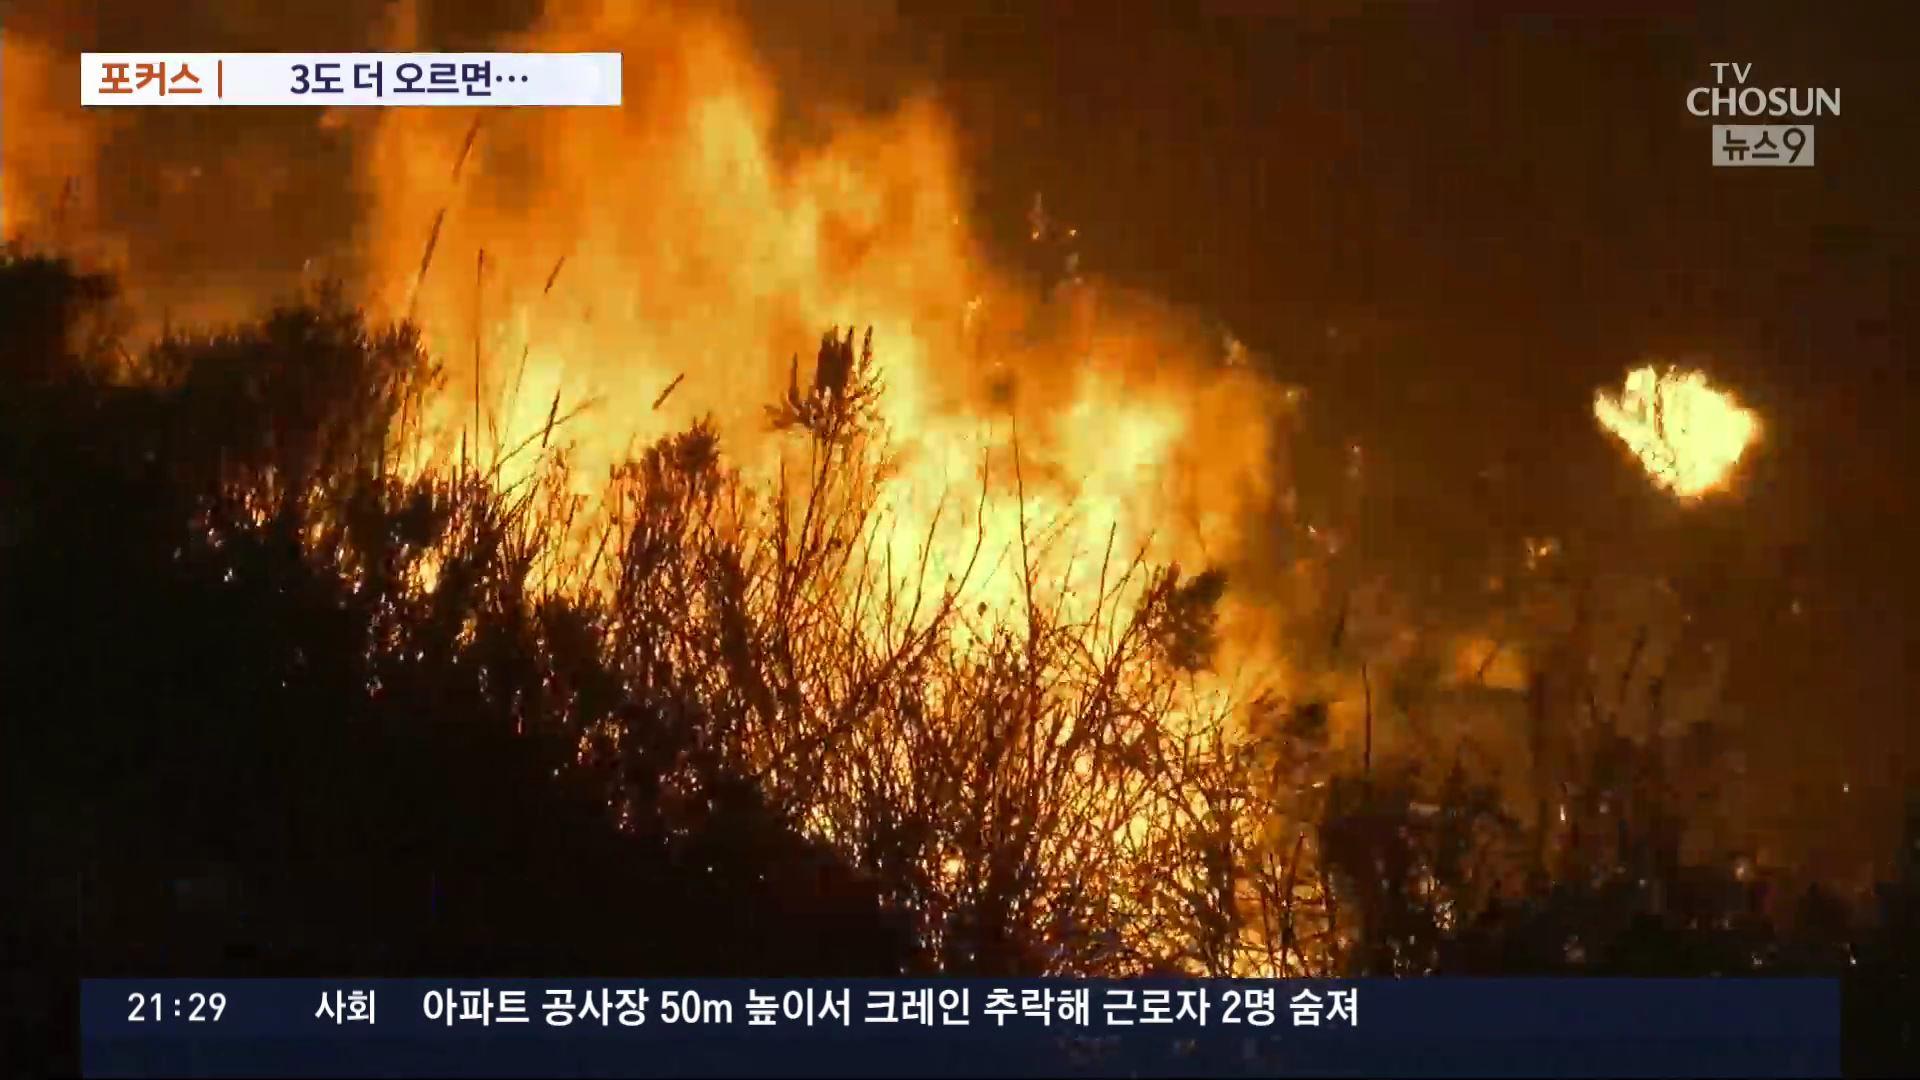 [포커스] 3도 더 오르면 세계 50개 도시 '침수'…김포공항도 '위험'